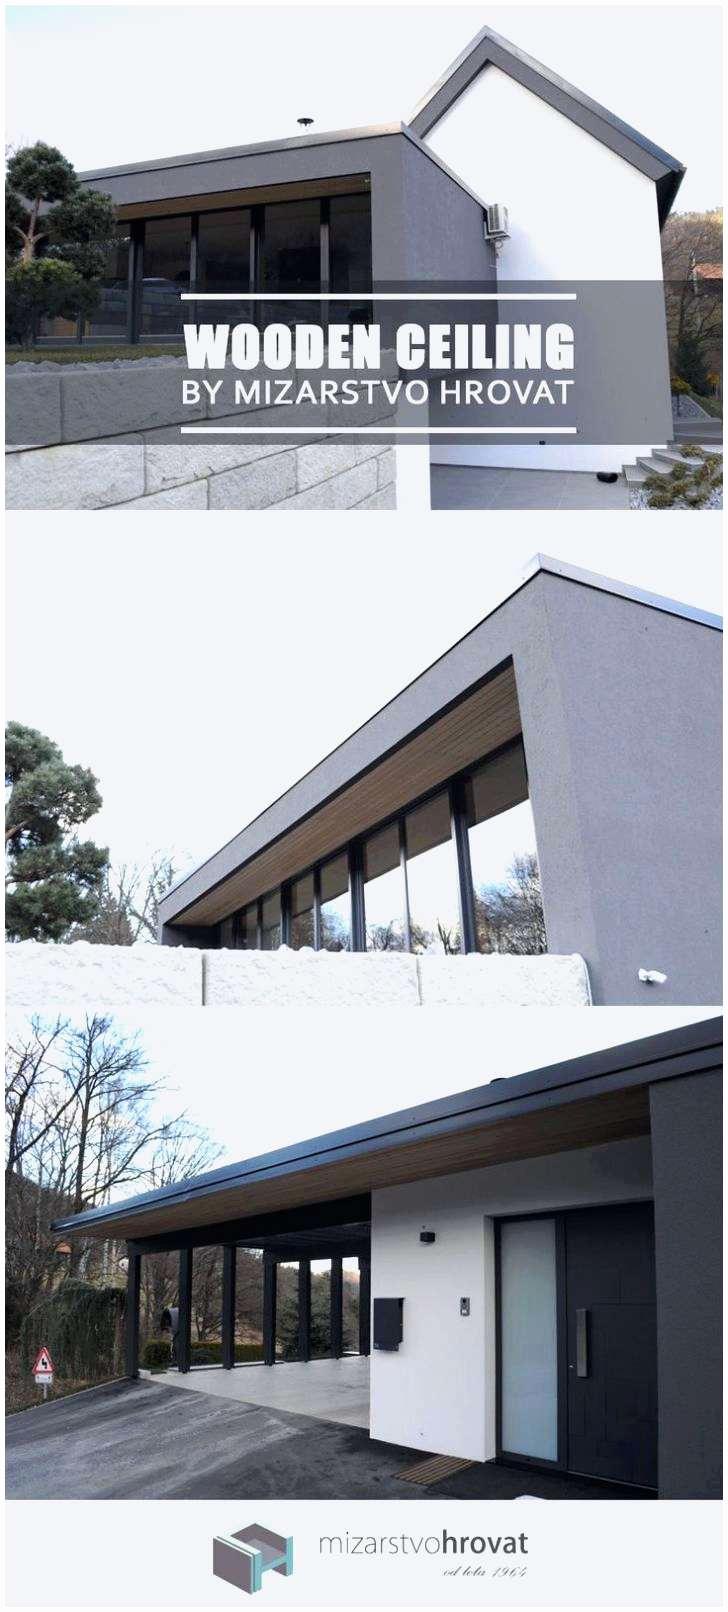 porte fenetre 2 vantaux charmant unique grille de defense brico depot nouveau occultant fenetre avec of porte fenetre 2 vantaux